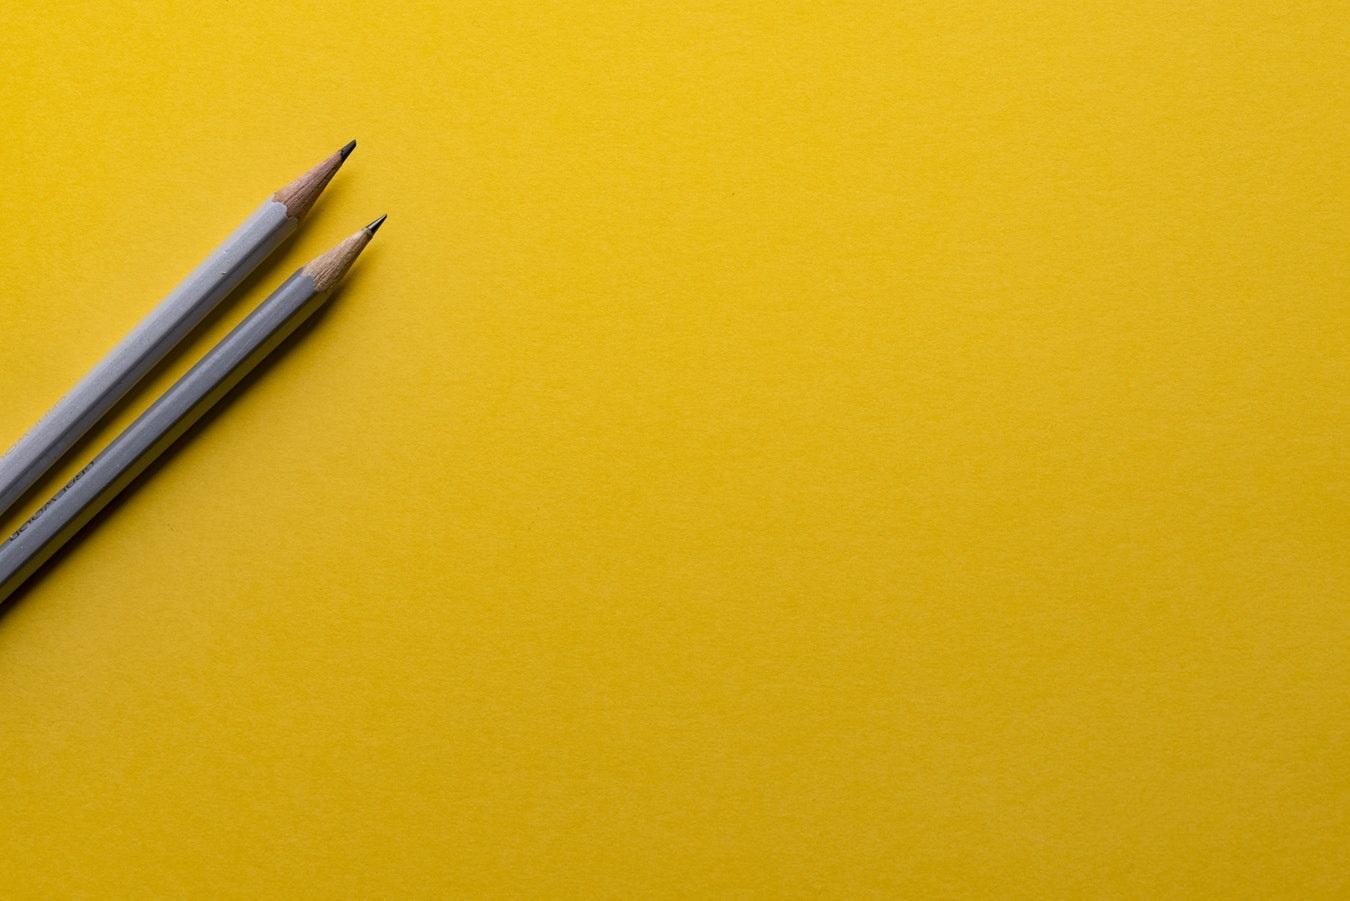 داستان APIها و نقش آنها در دنیای آموزش و پرورش